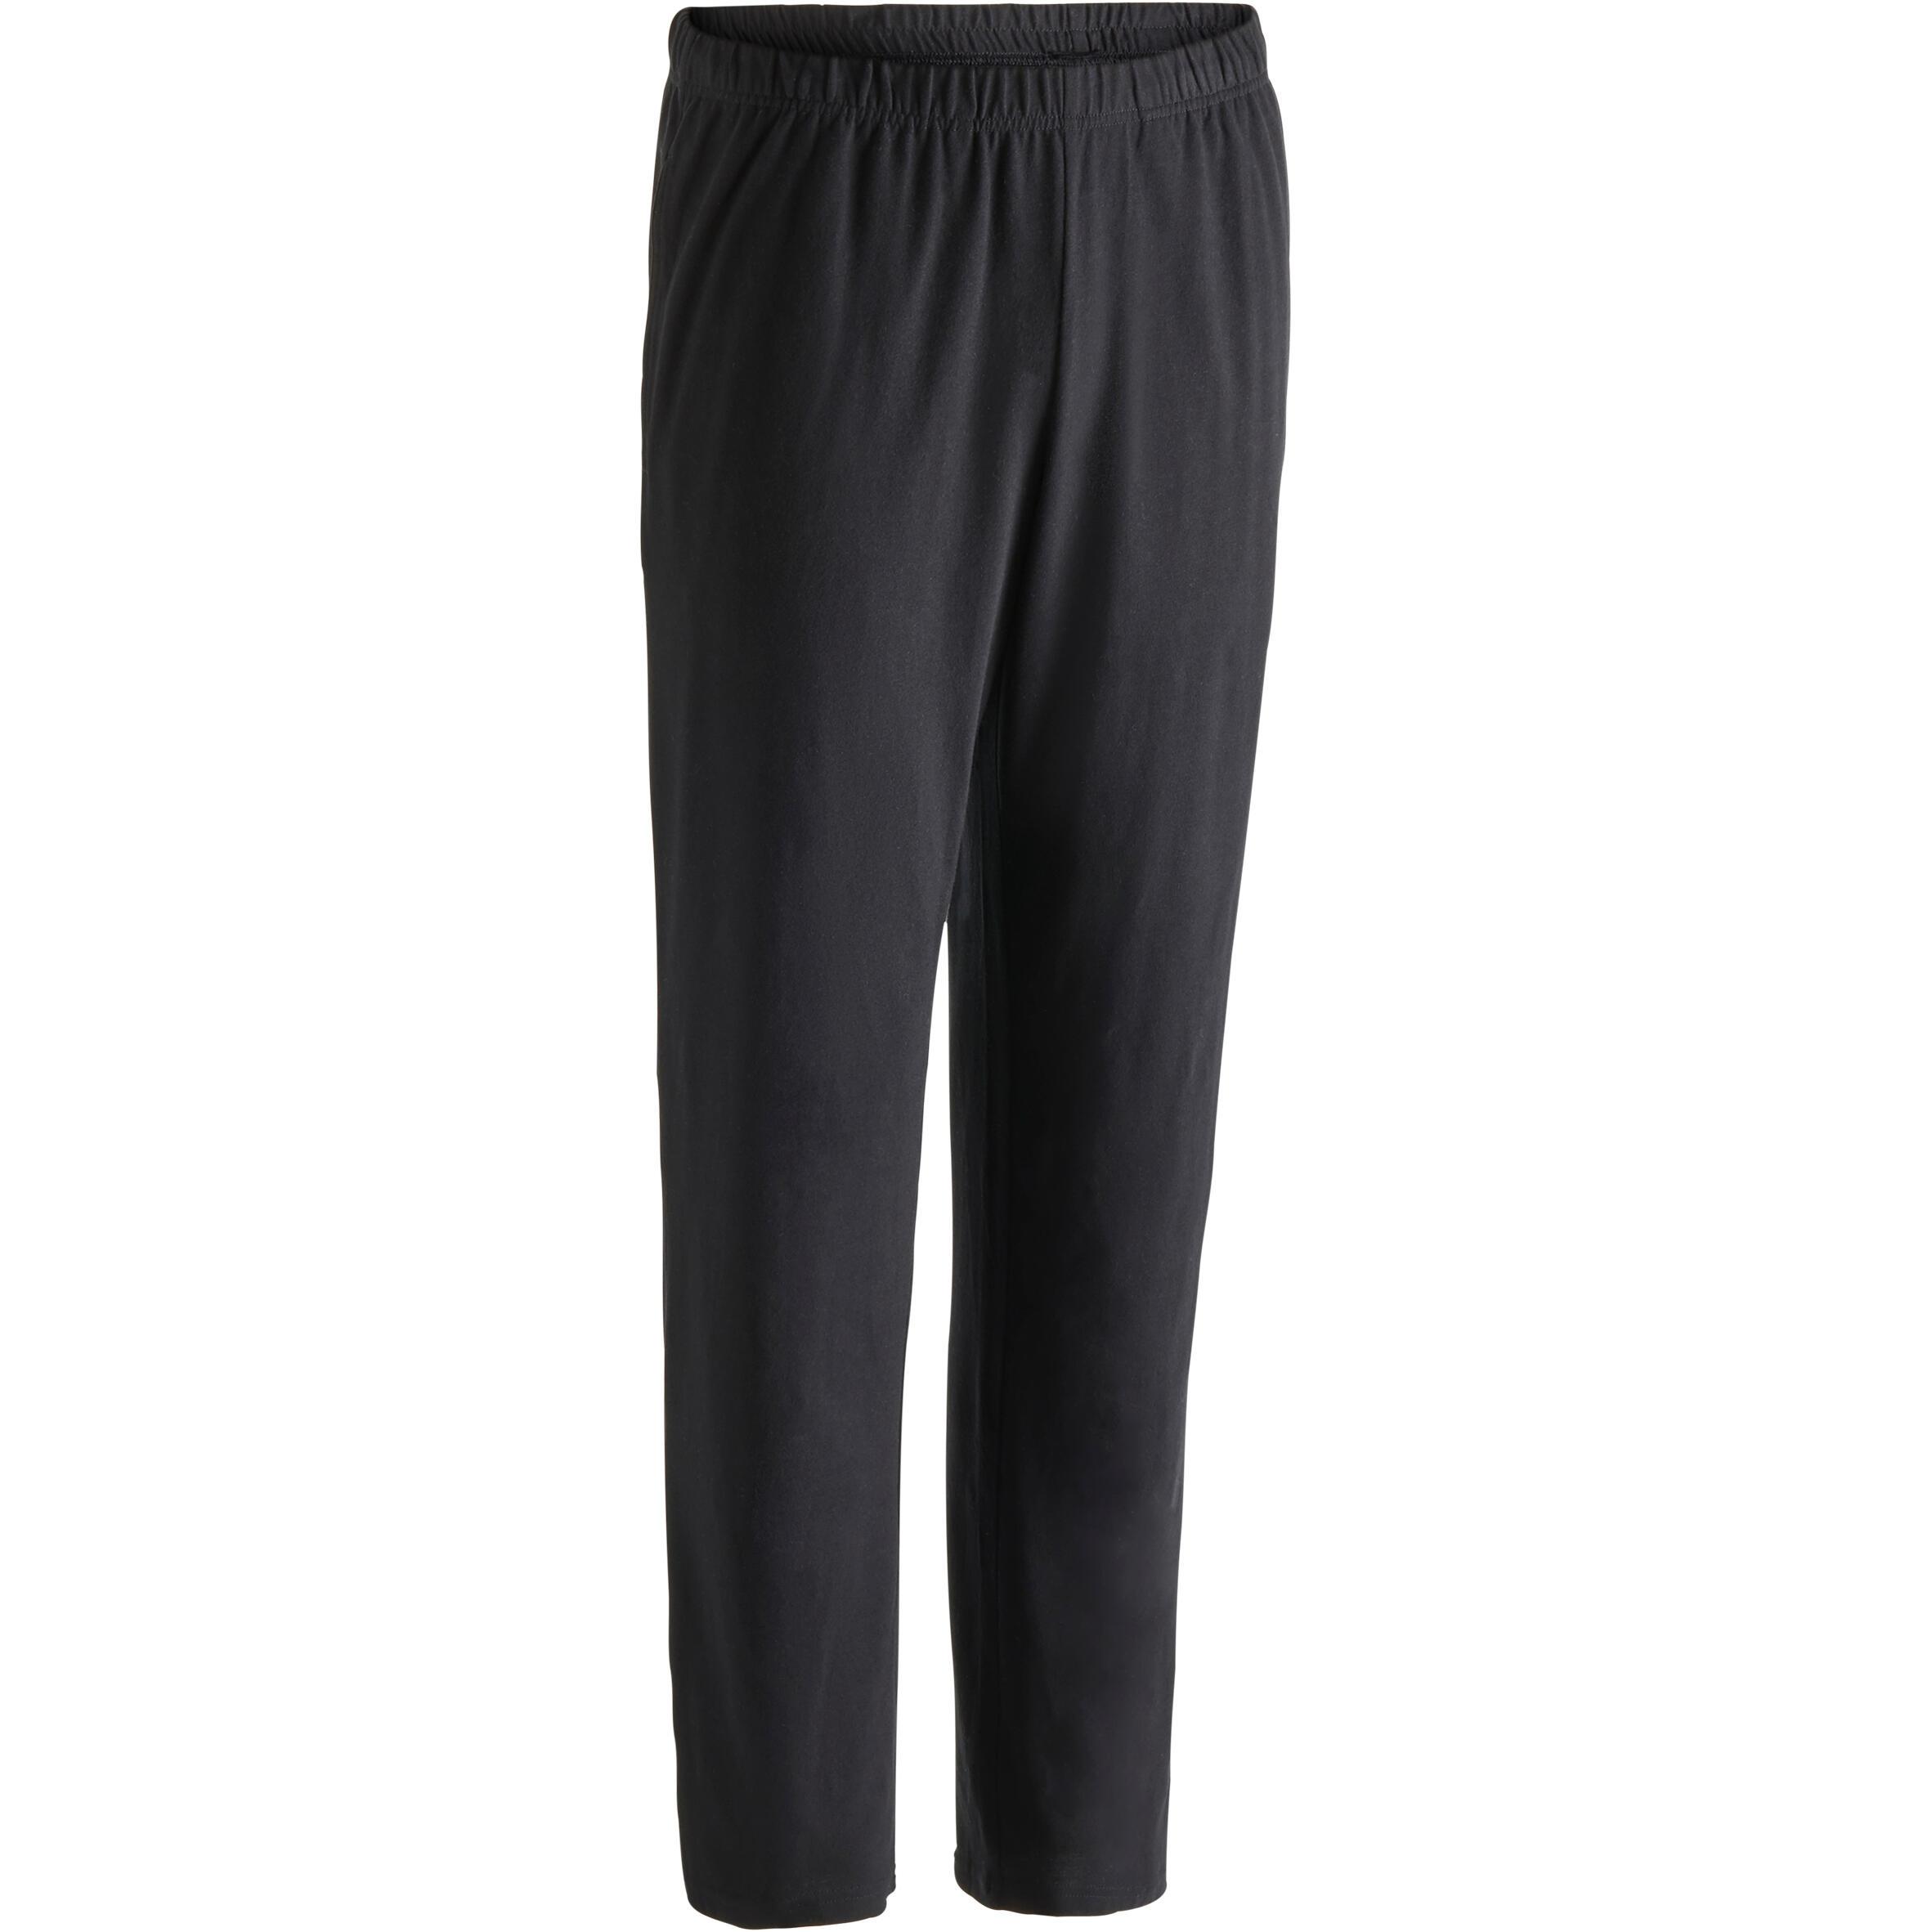 Pantalon 100 régulier gymnastique d'étirement noir homme